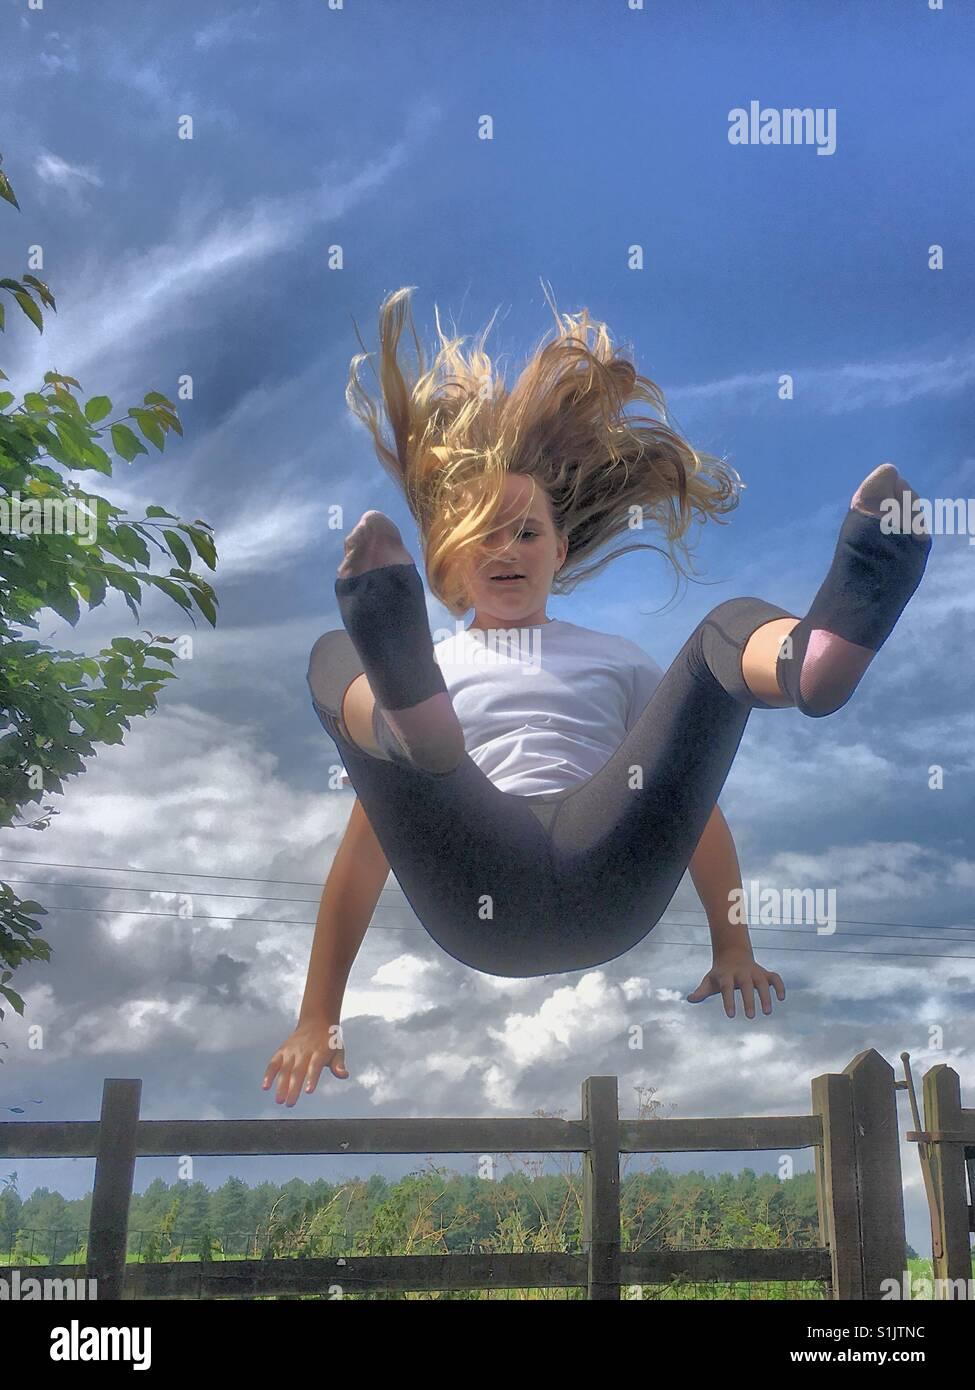 Mädchen springen auf einem Trampolin im freien Stockbild